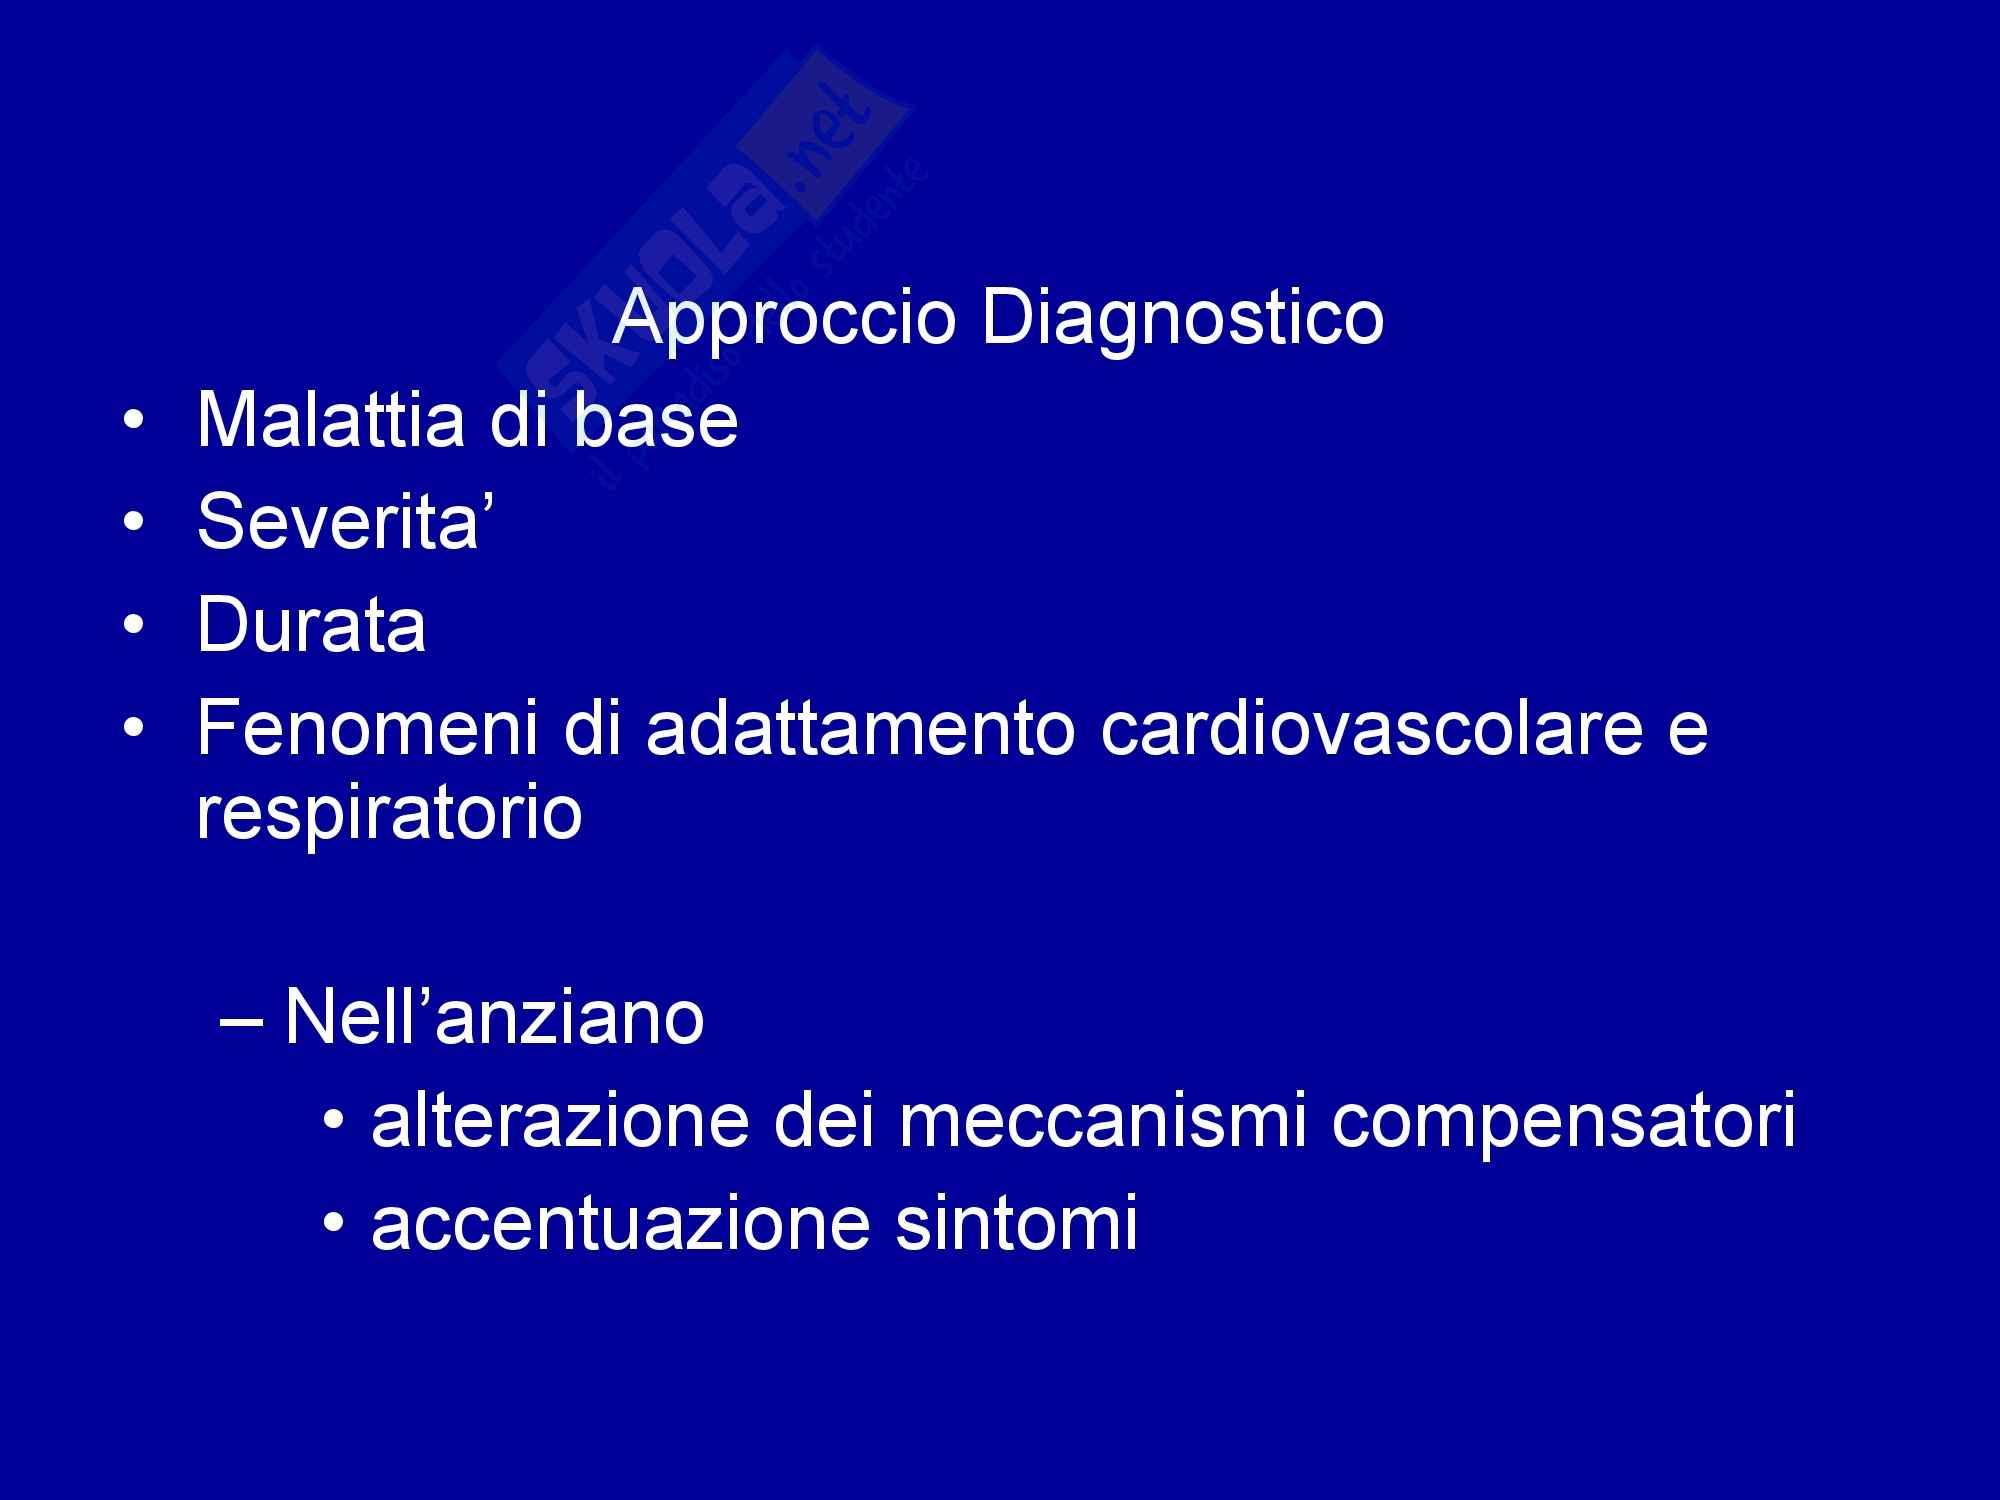 Anemia - Definizione e classificazione Pag. 16